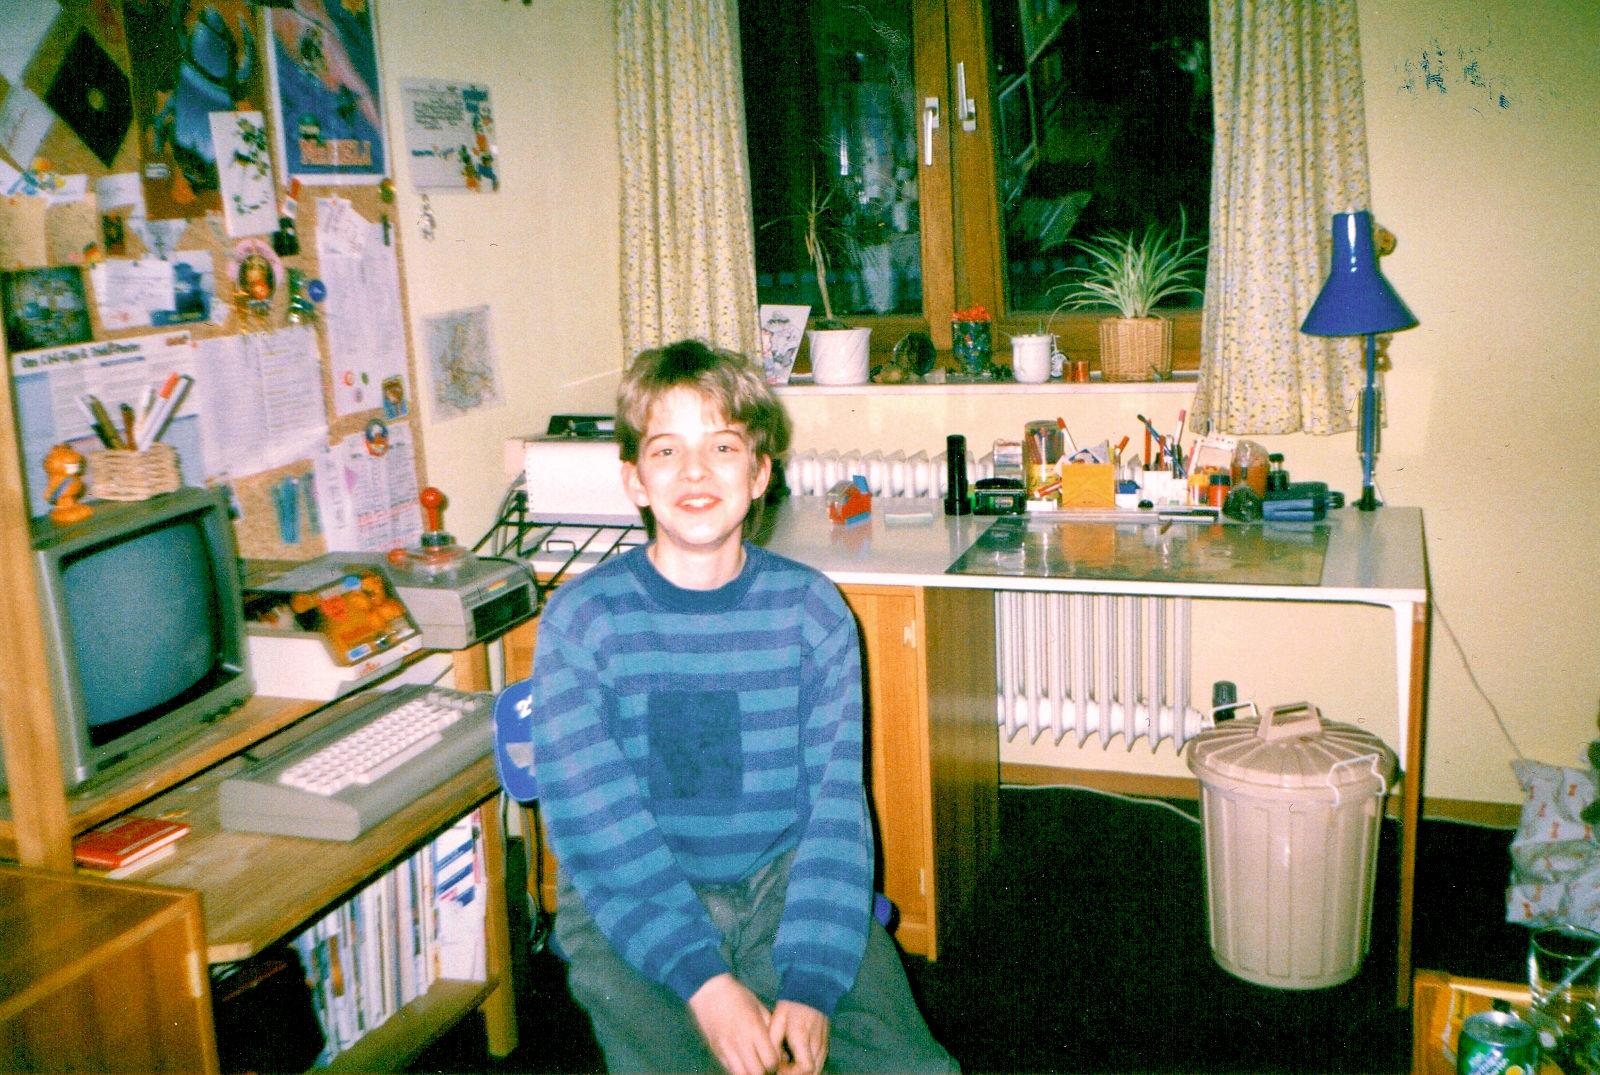 Die letzten Jahre mit dem C64 Anfang der Neunziger - vor den Amiga Jahren. (Bild: Jan Beta)